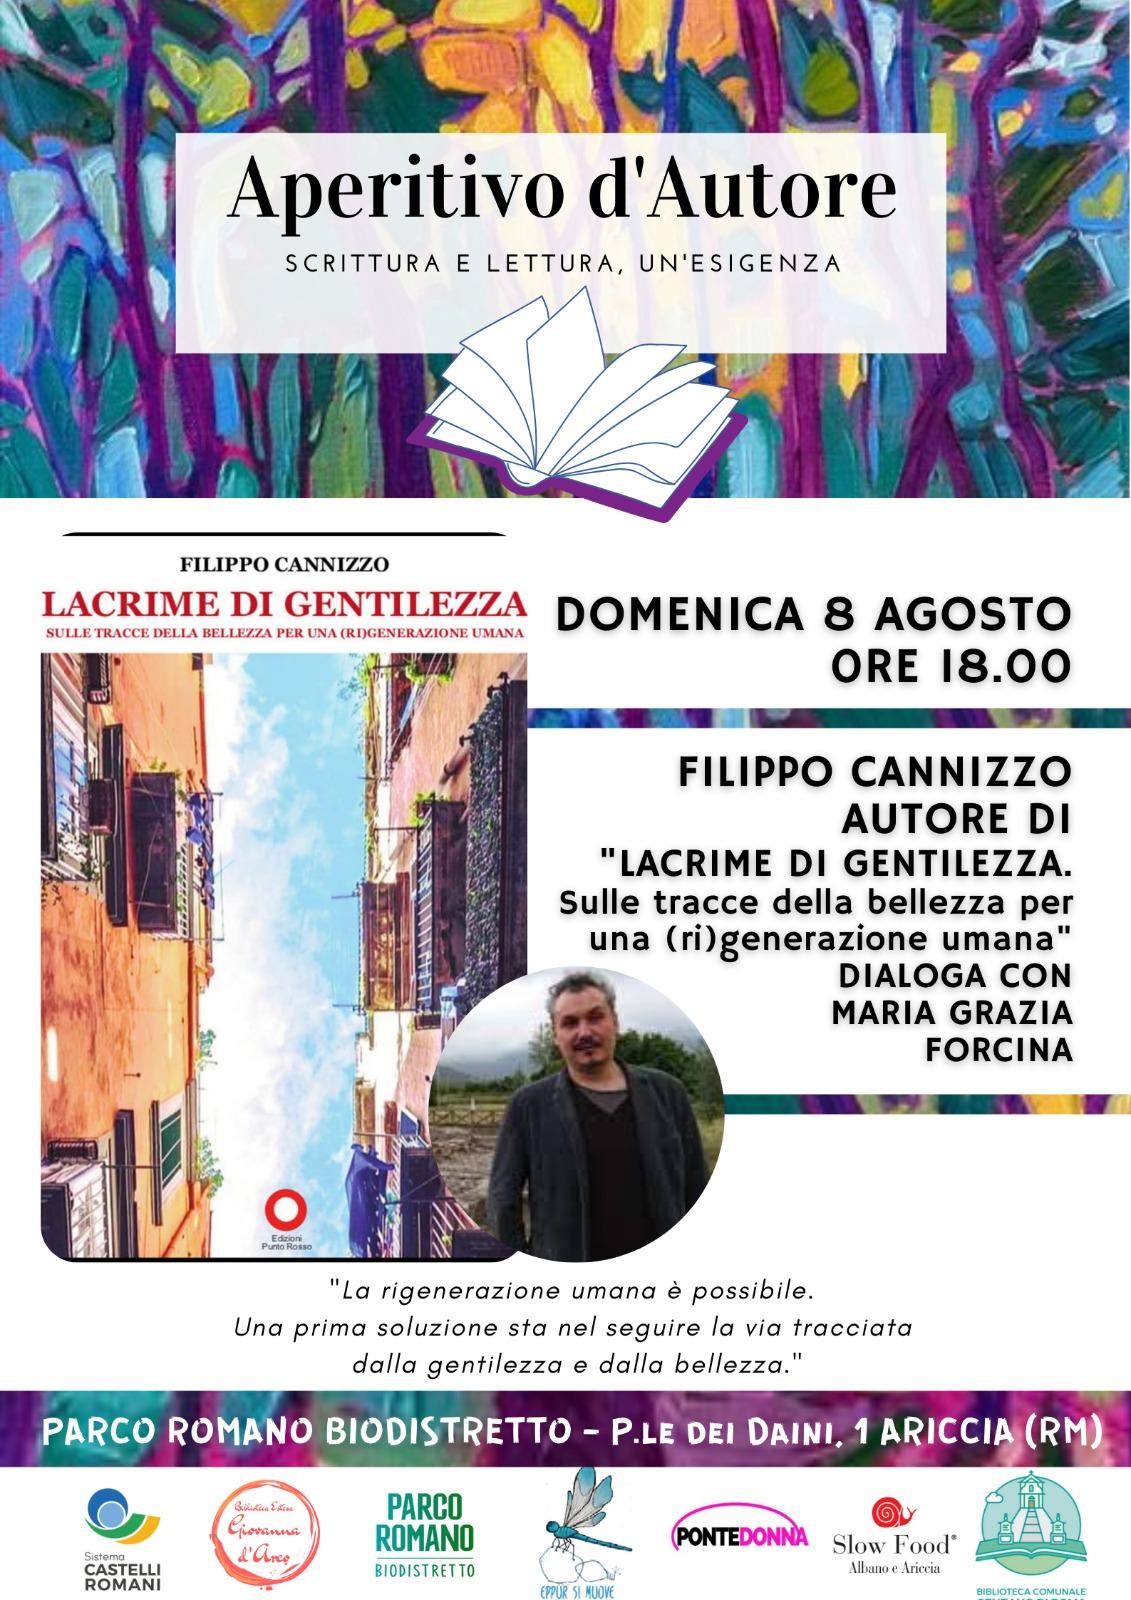 """Ariccia, il filosofo e scrittore Filippo Cannizzo presenta """"Lacrime di gentilezza"""" a Parco Romano Biodistretto"""